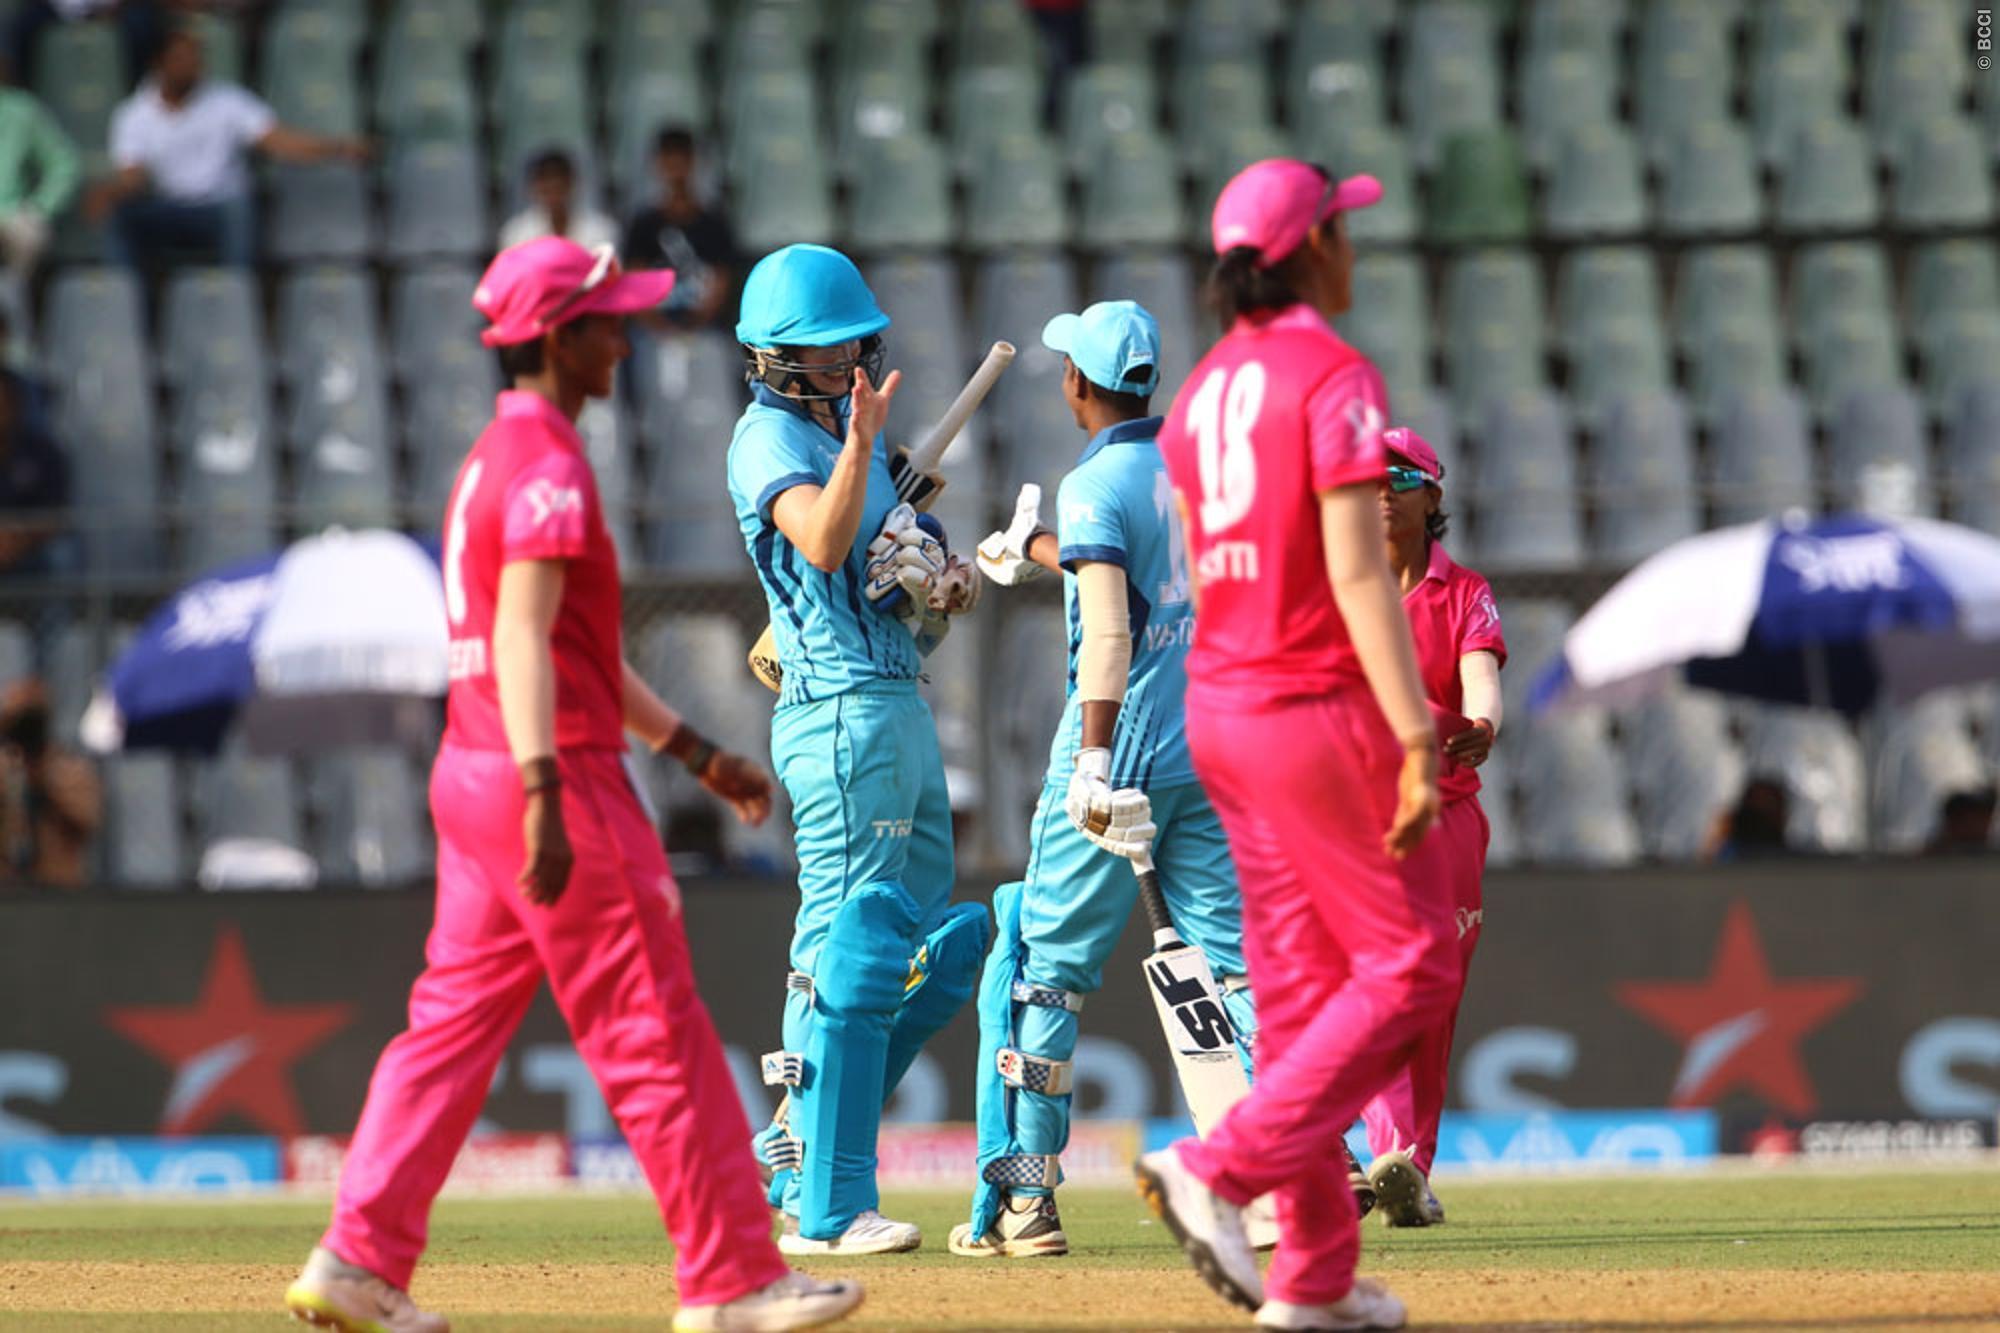 बीसीसीआई ने जारी किया महिला टी20 लीग का शेड्यूल,ये होंगी 3 टीम और यहाँ होगा मुकाबला 13